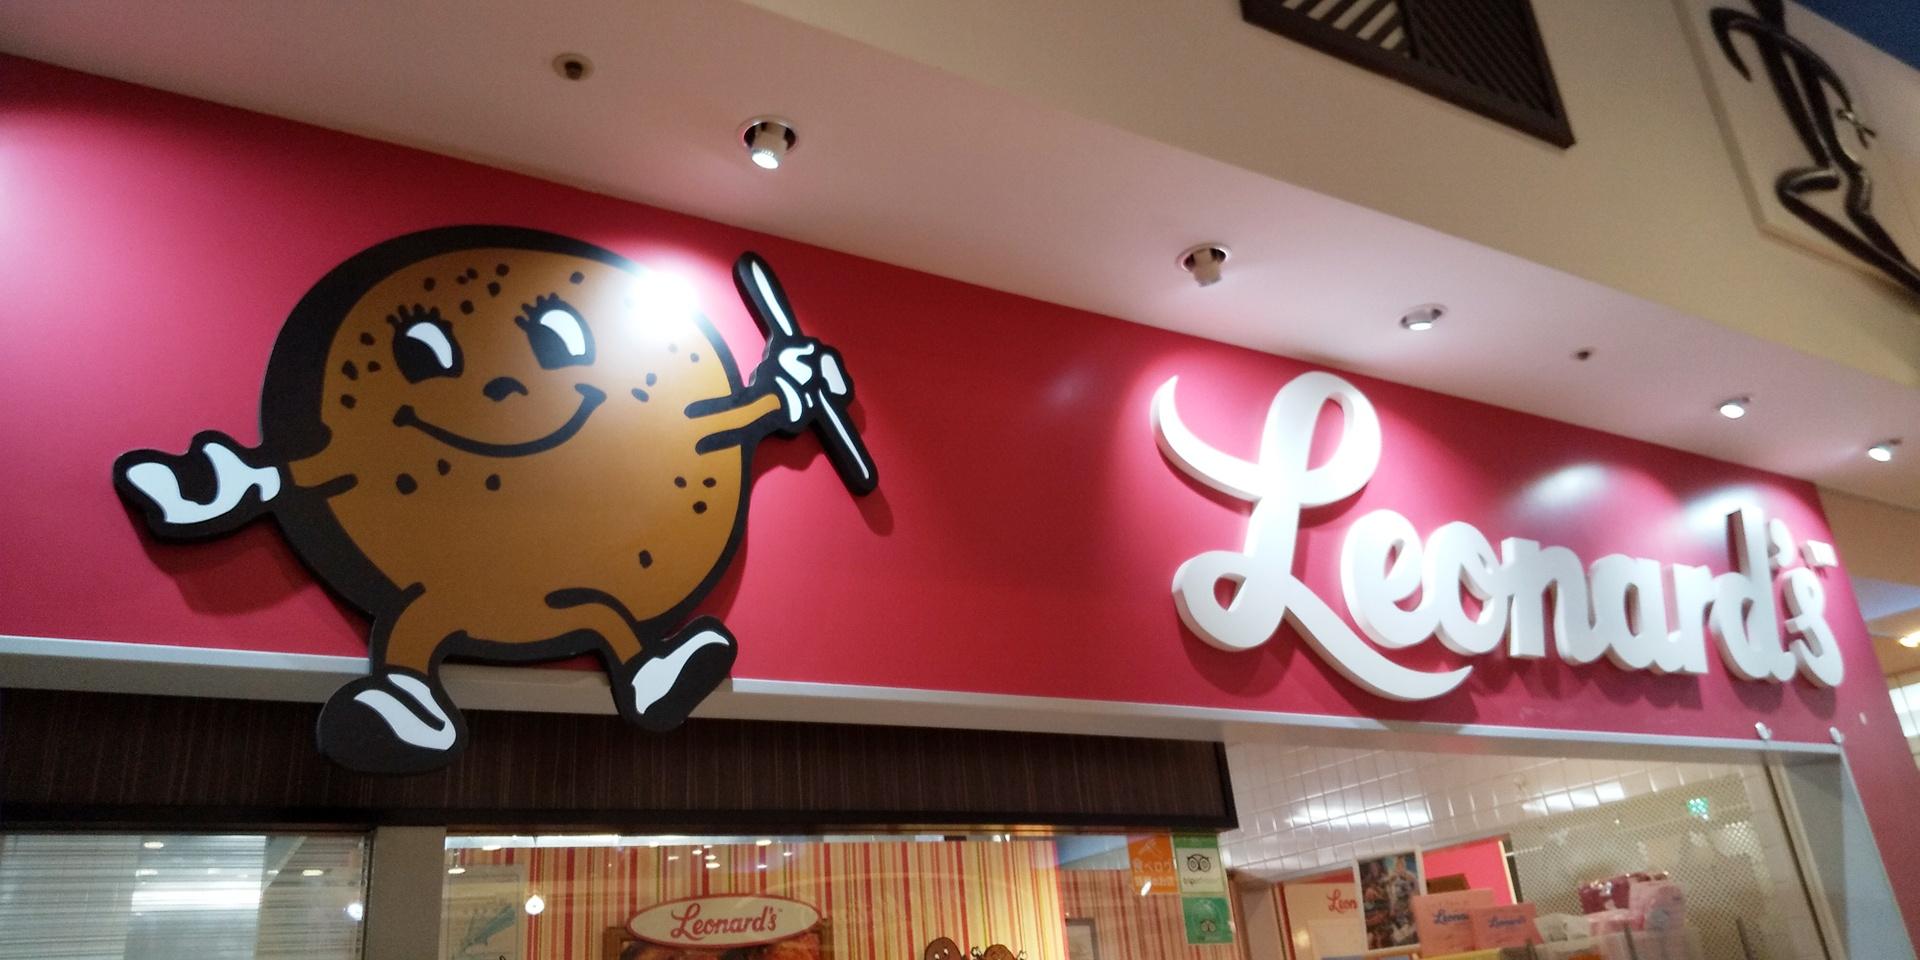 【ハワイの人気スイーツ】絶品レナーズのマラサダが日本でも食べられちゃう!_1